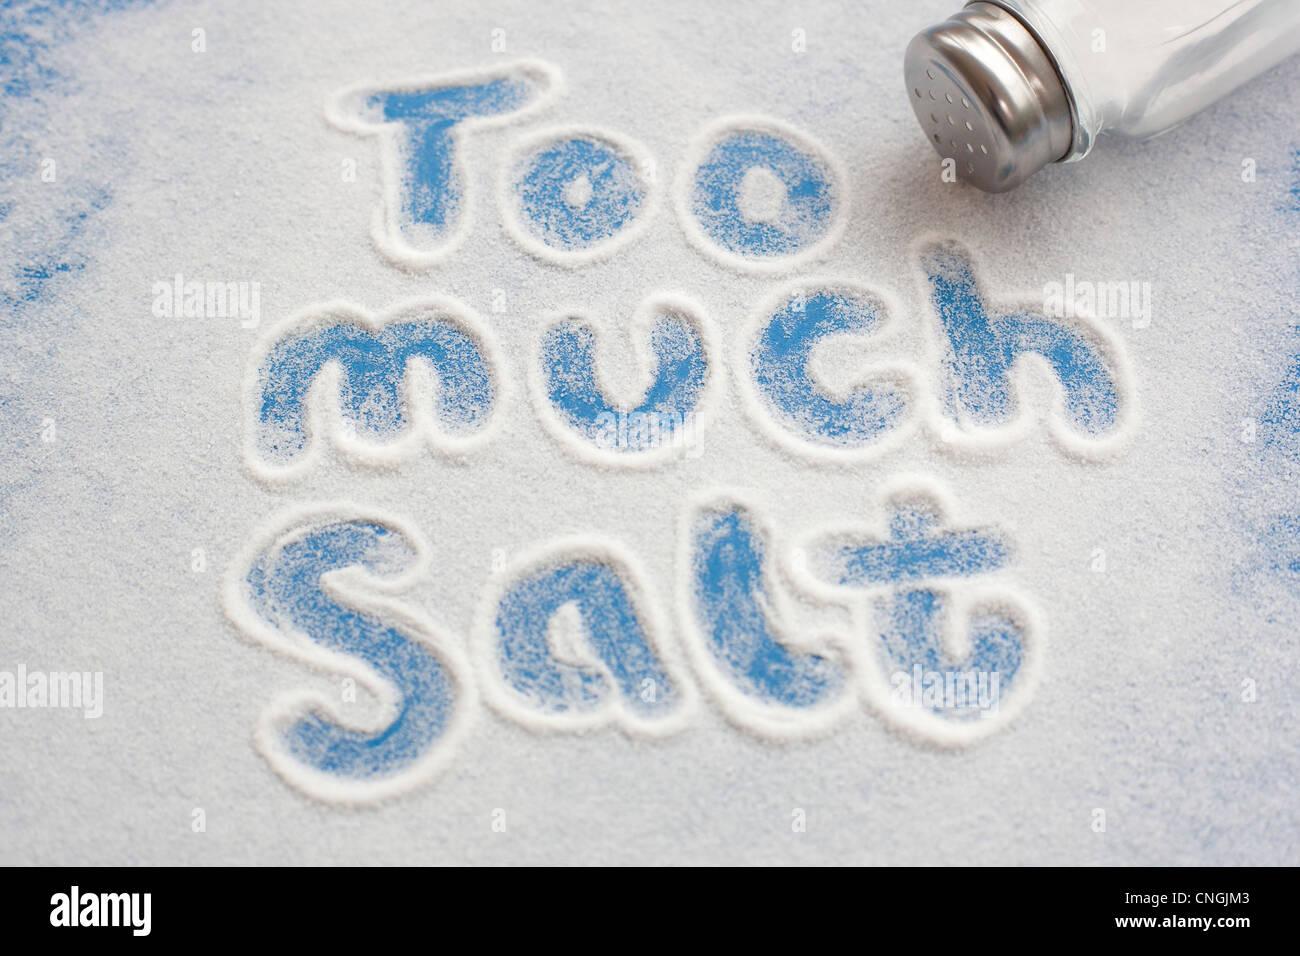 High salt intake  conceptual image - Stock Image